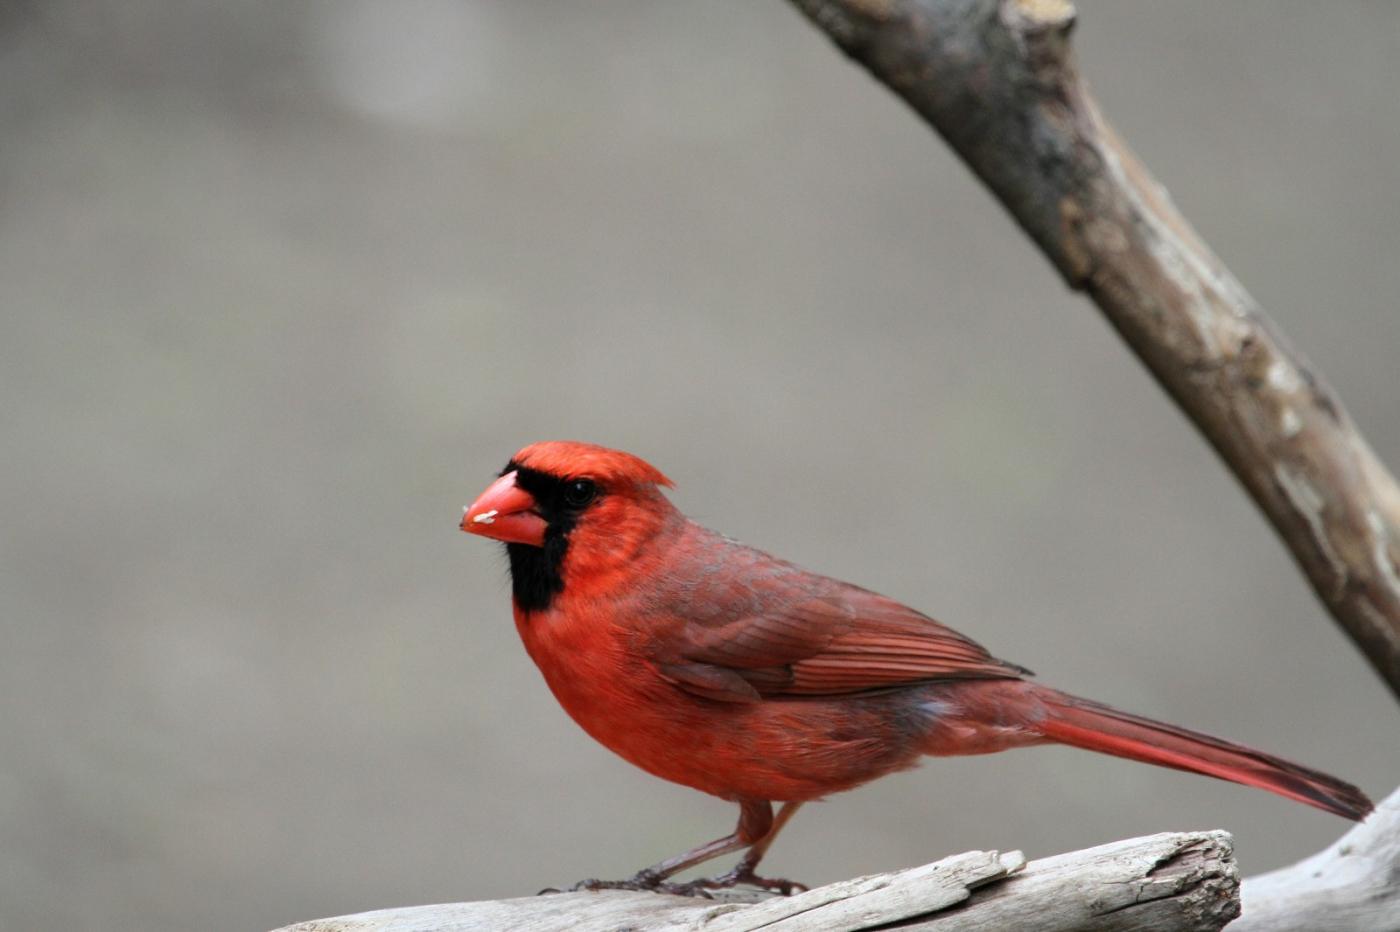 【田螺摄影】有吃的主教鸟还会挑肥拣瘦_图1-12